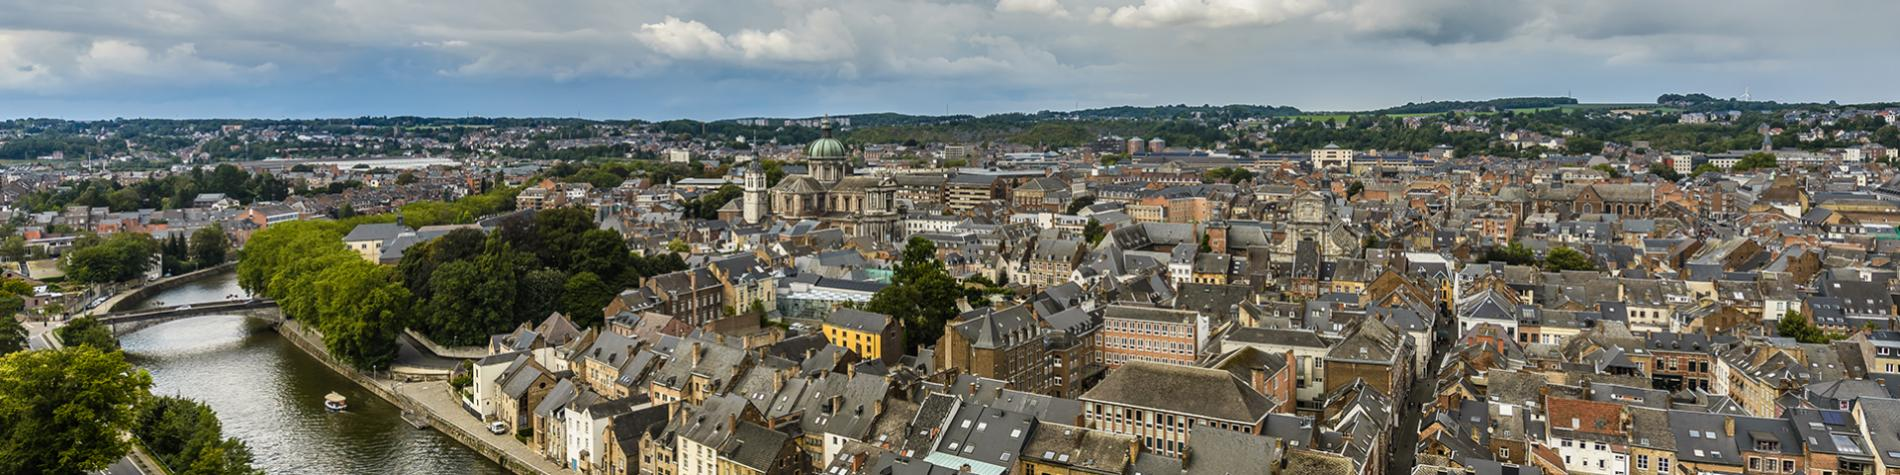 Namur - Panorama